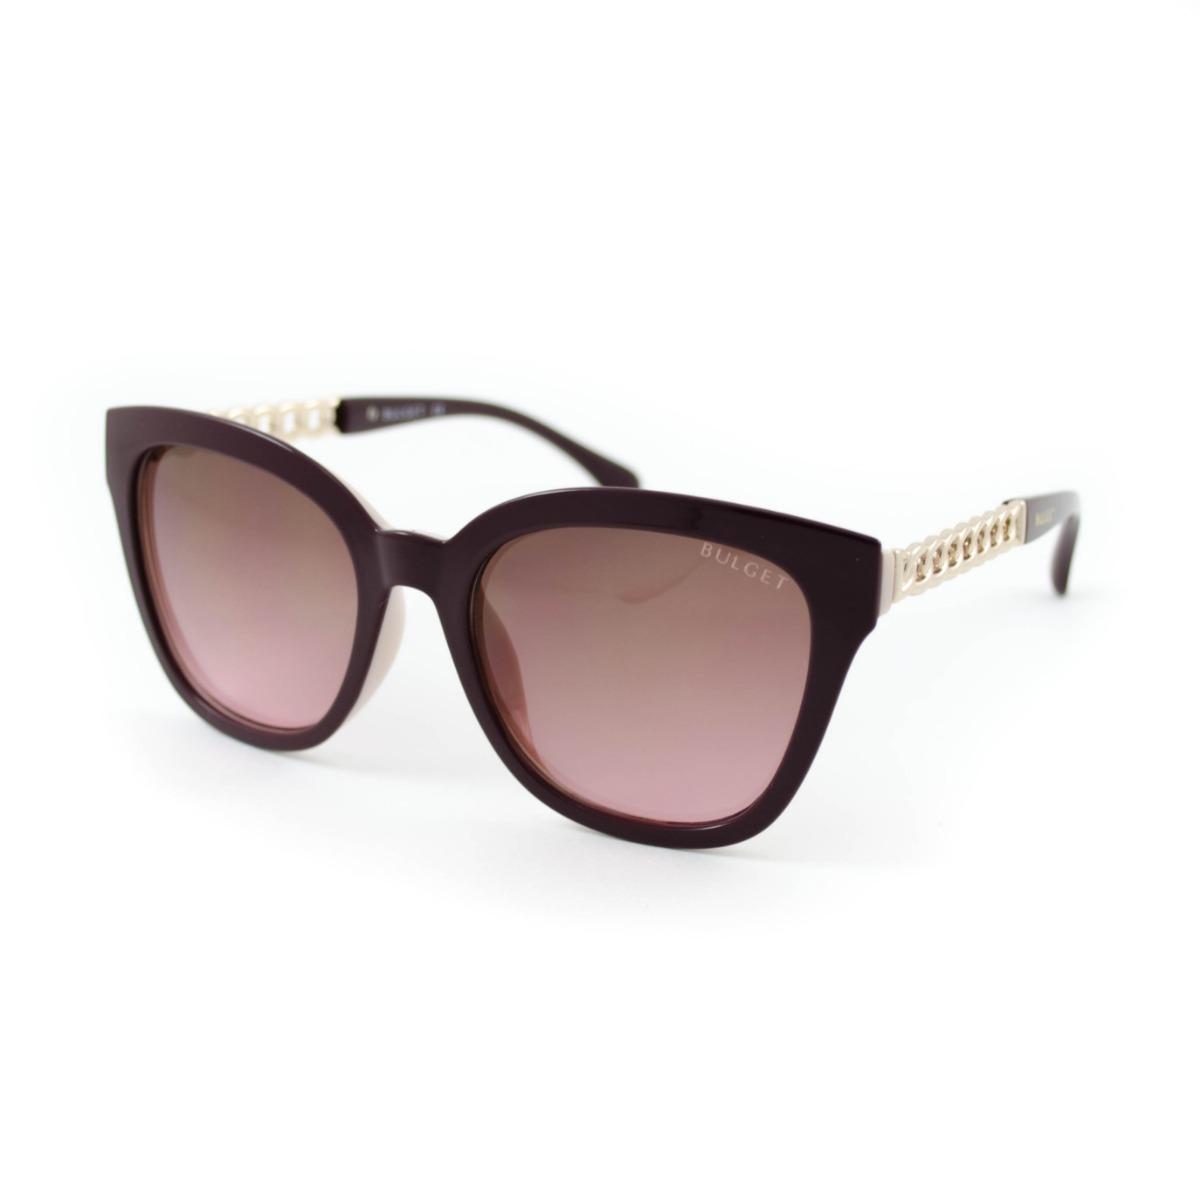 6a66e43d3af37 óculos de sol bulget - bg5122 d01 - vermelho. Carregando zoom.